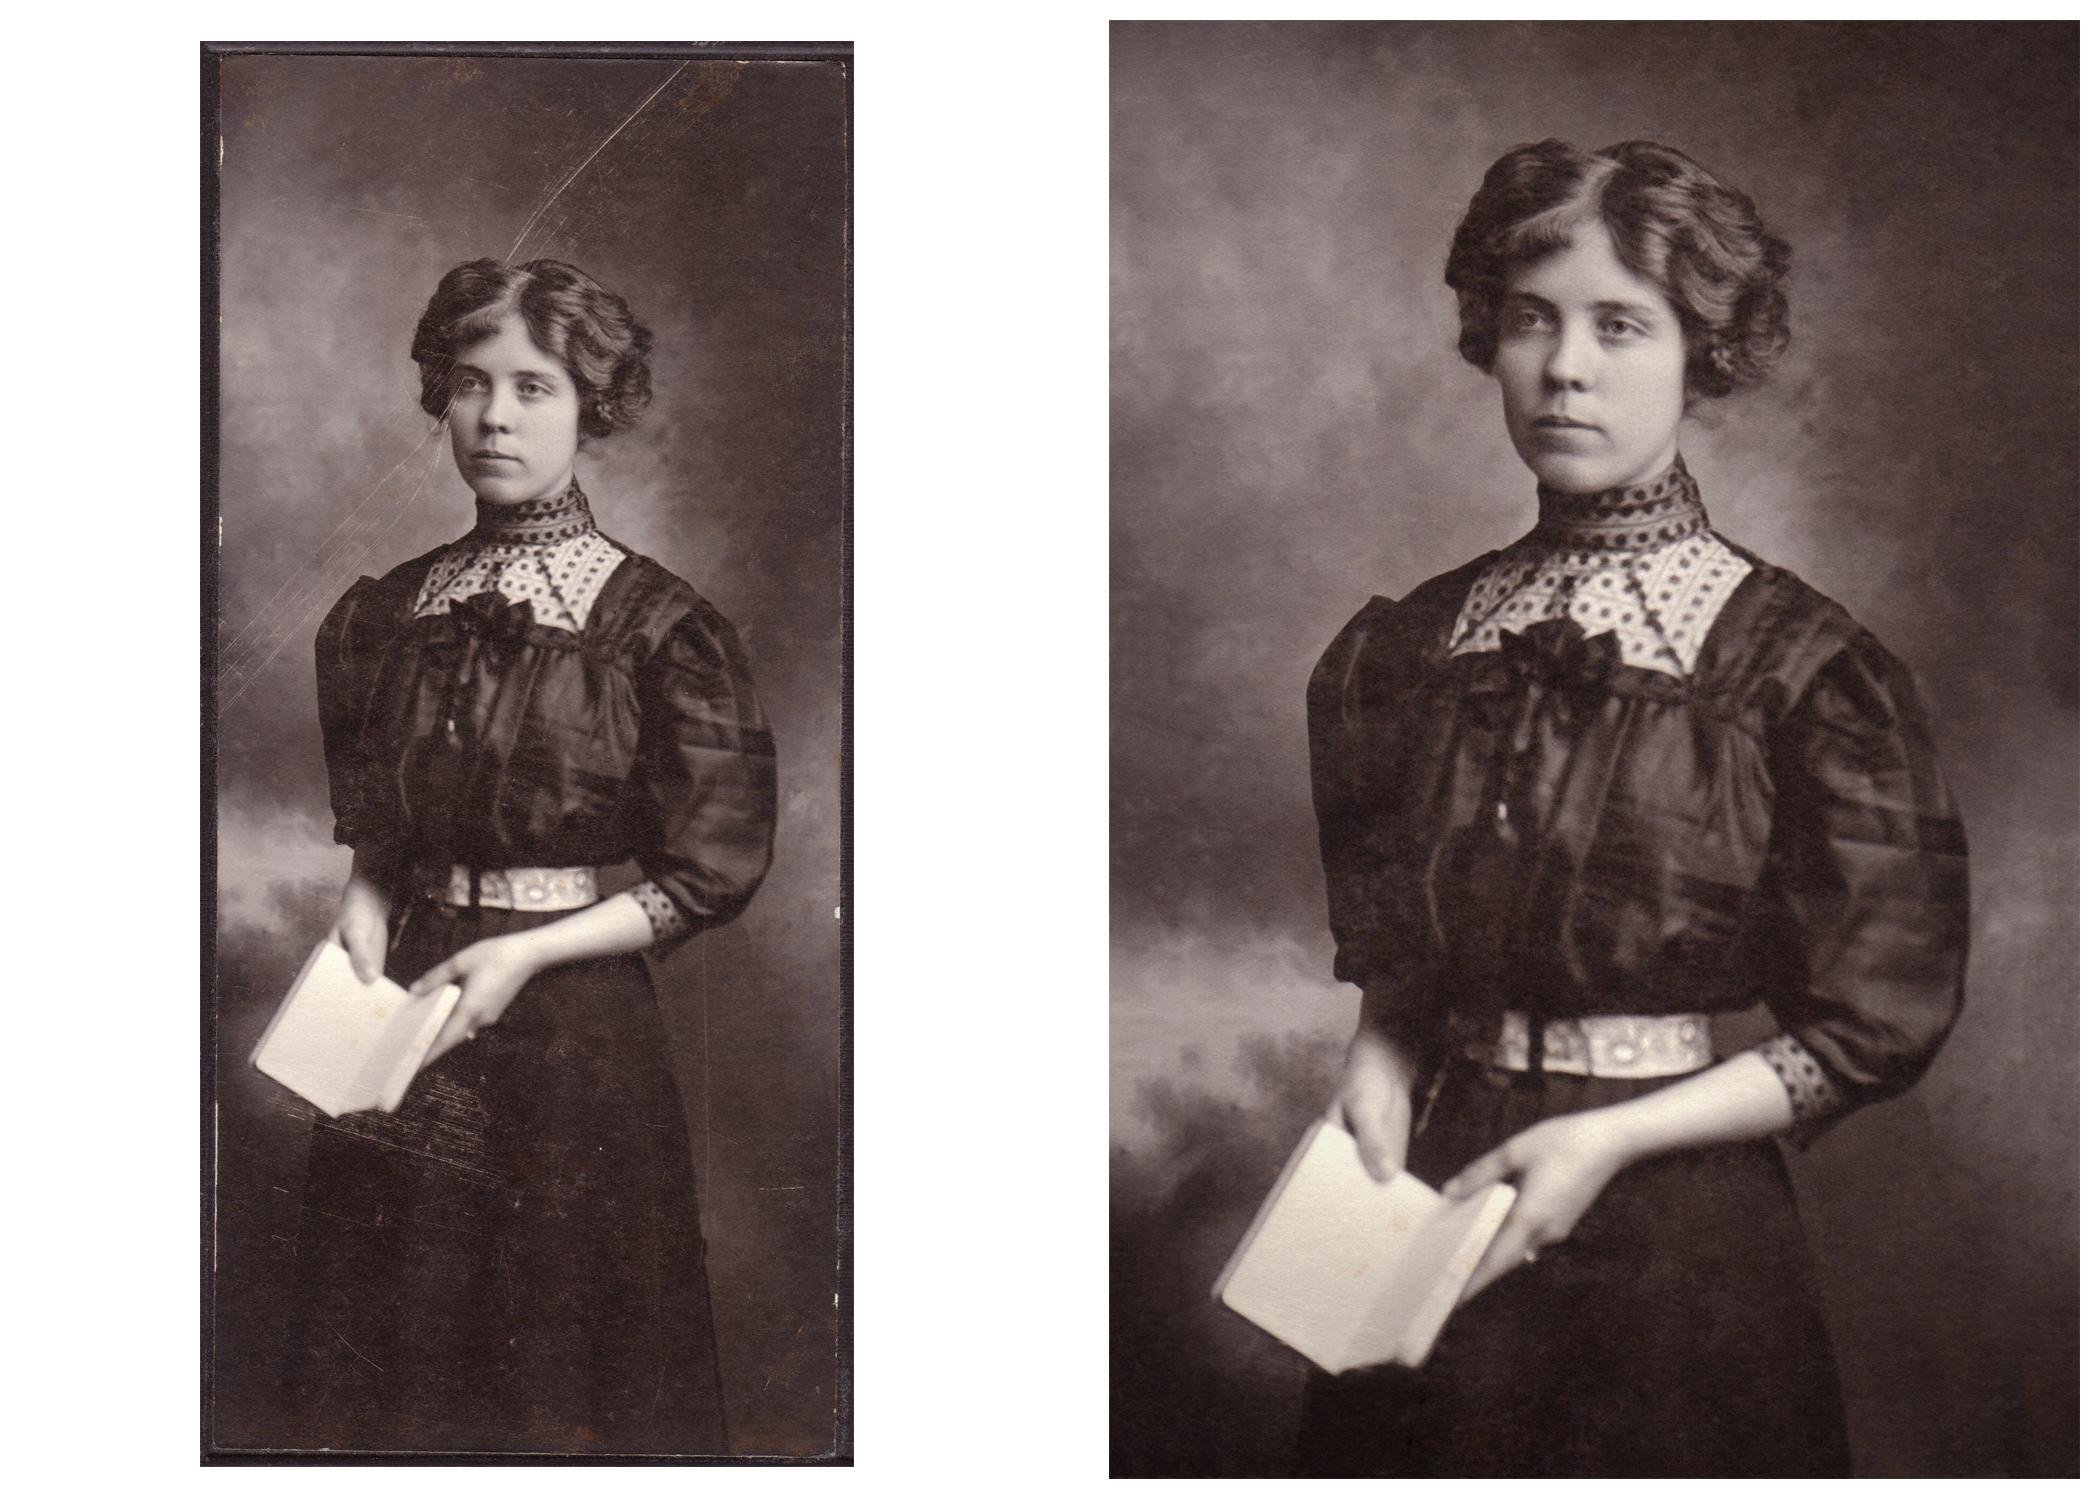 photo_restoration_photography_scott_walz_lexington_ky01.jpg